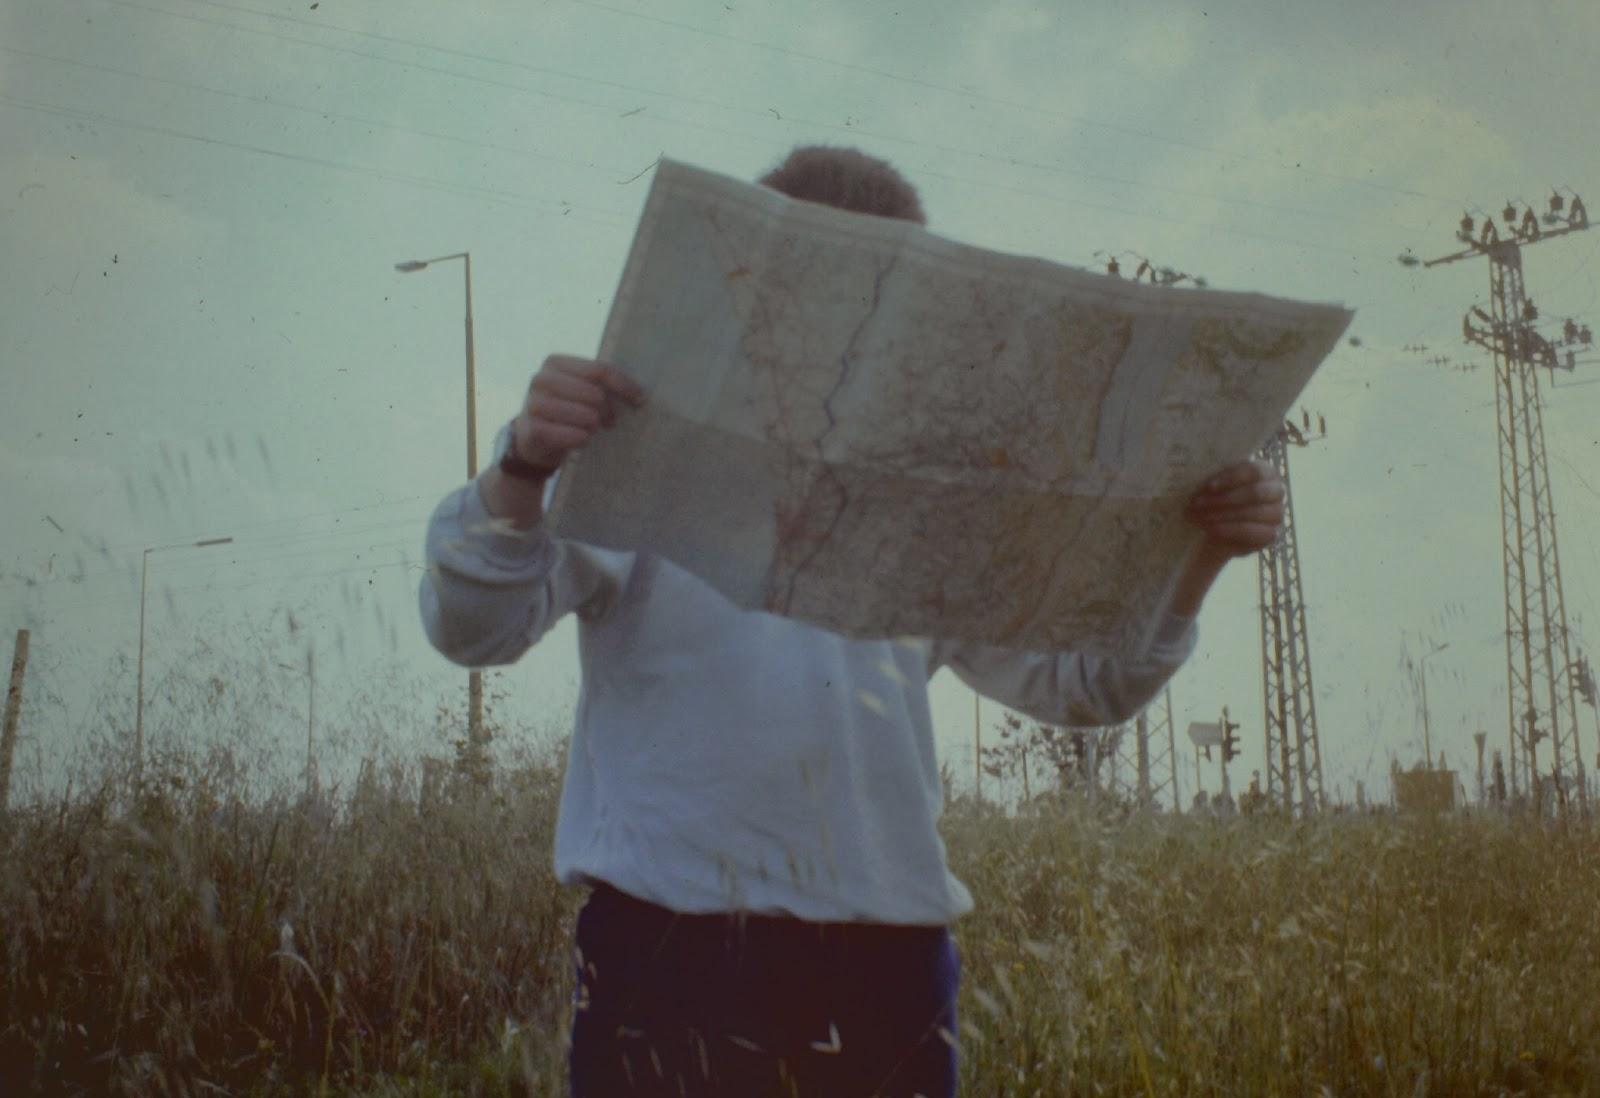 Verzweifeltes Suchen nach dem Standort in der pre-GPS Ära.